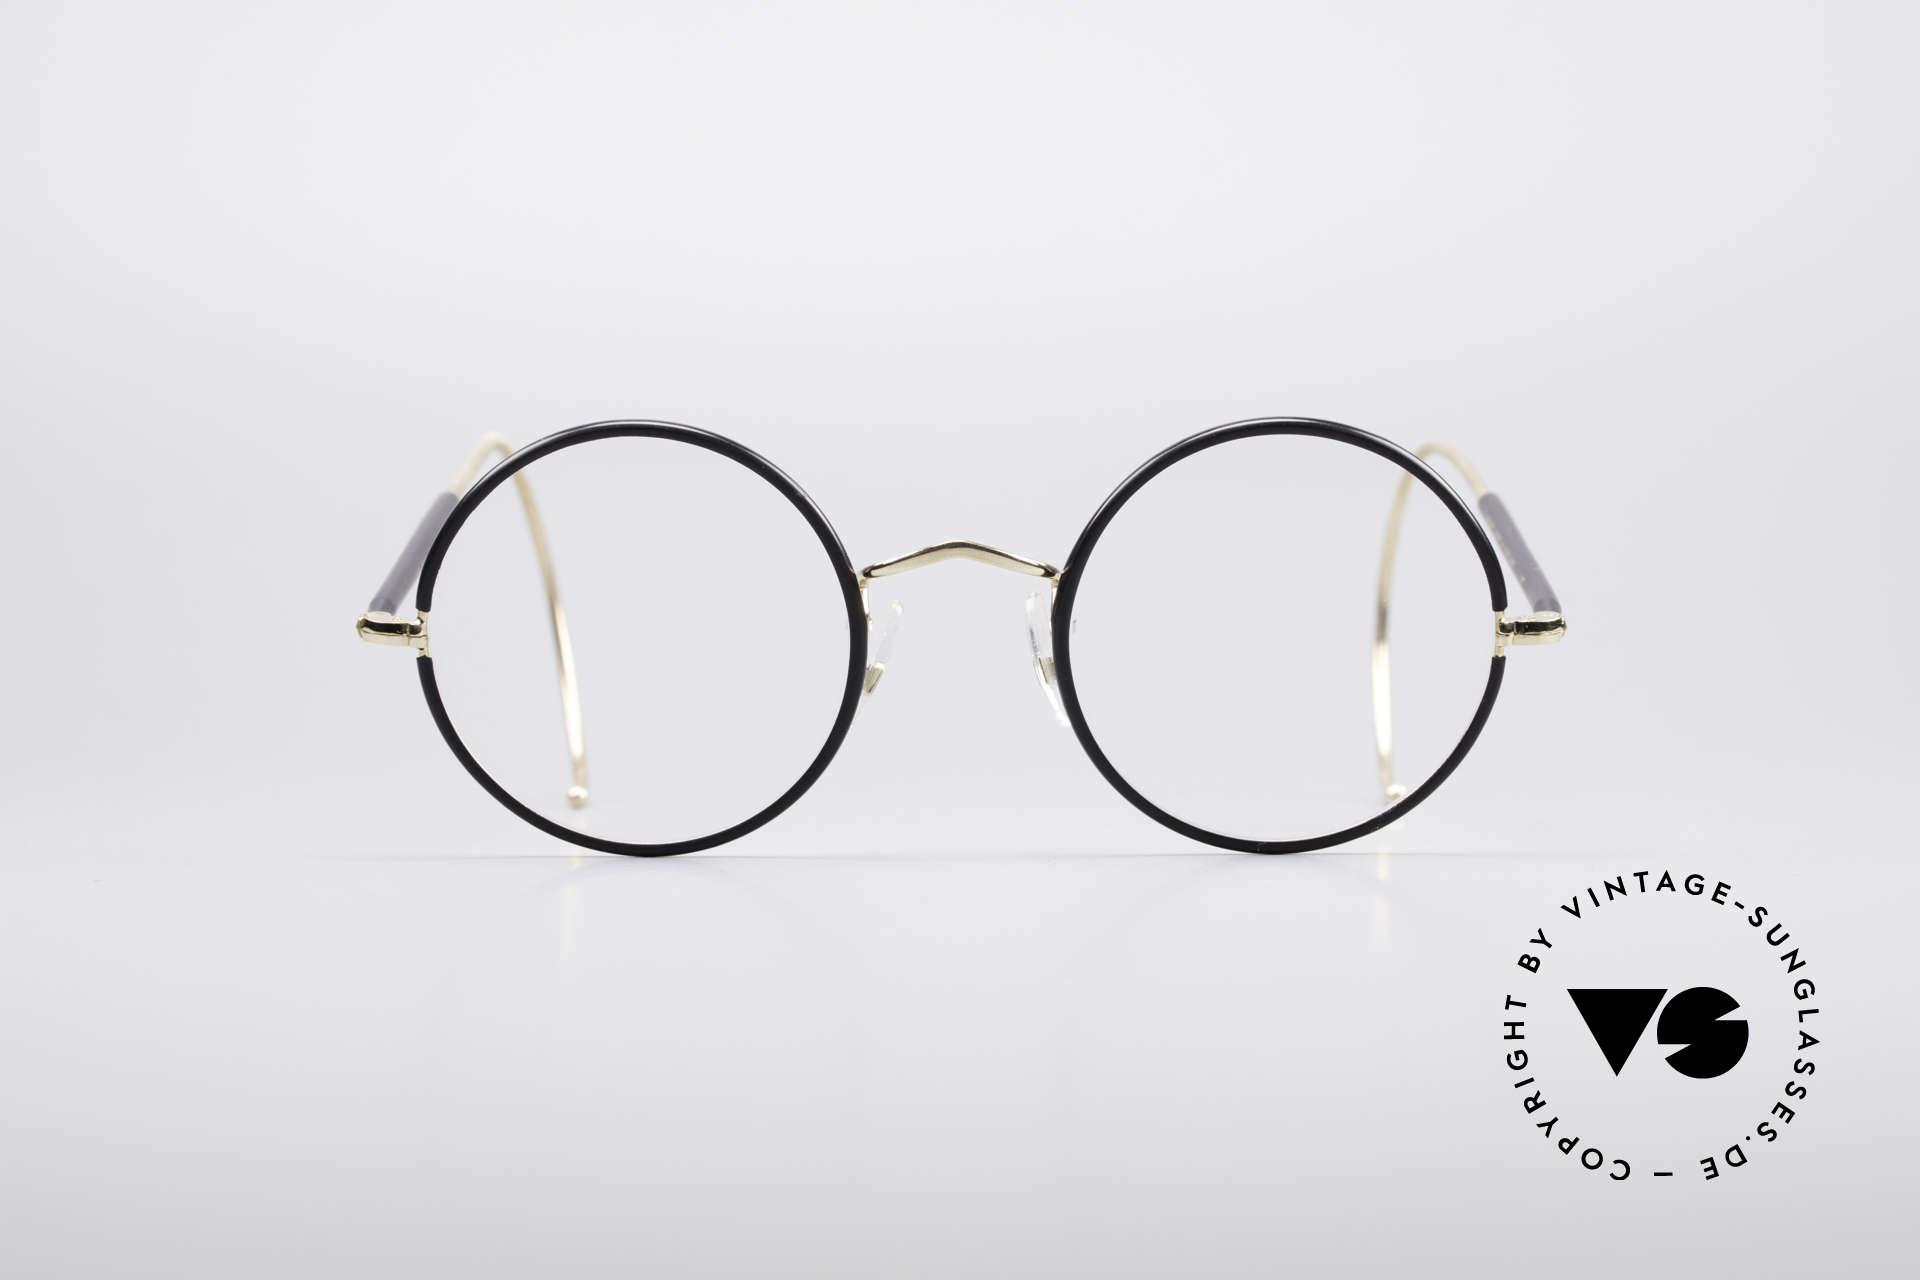 Savile Row Round 47/22 Harry Potter Brille, zeitlos runde vintage Brillenfassung aus den 80ern, Passend für Herren